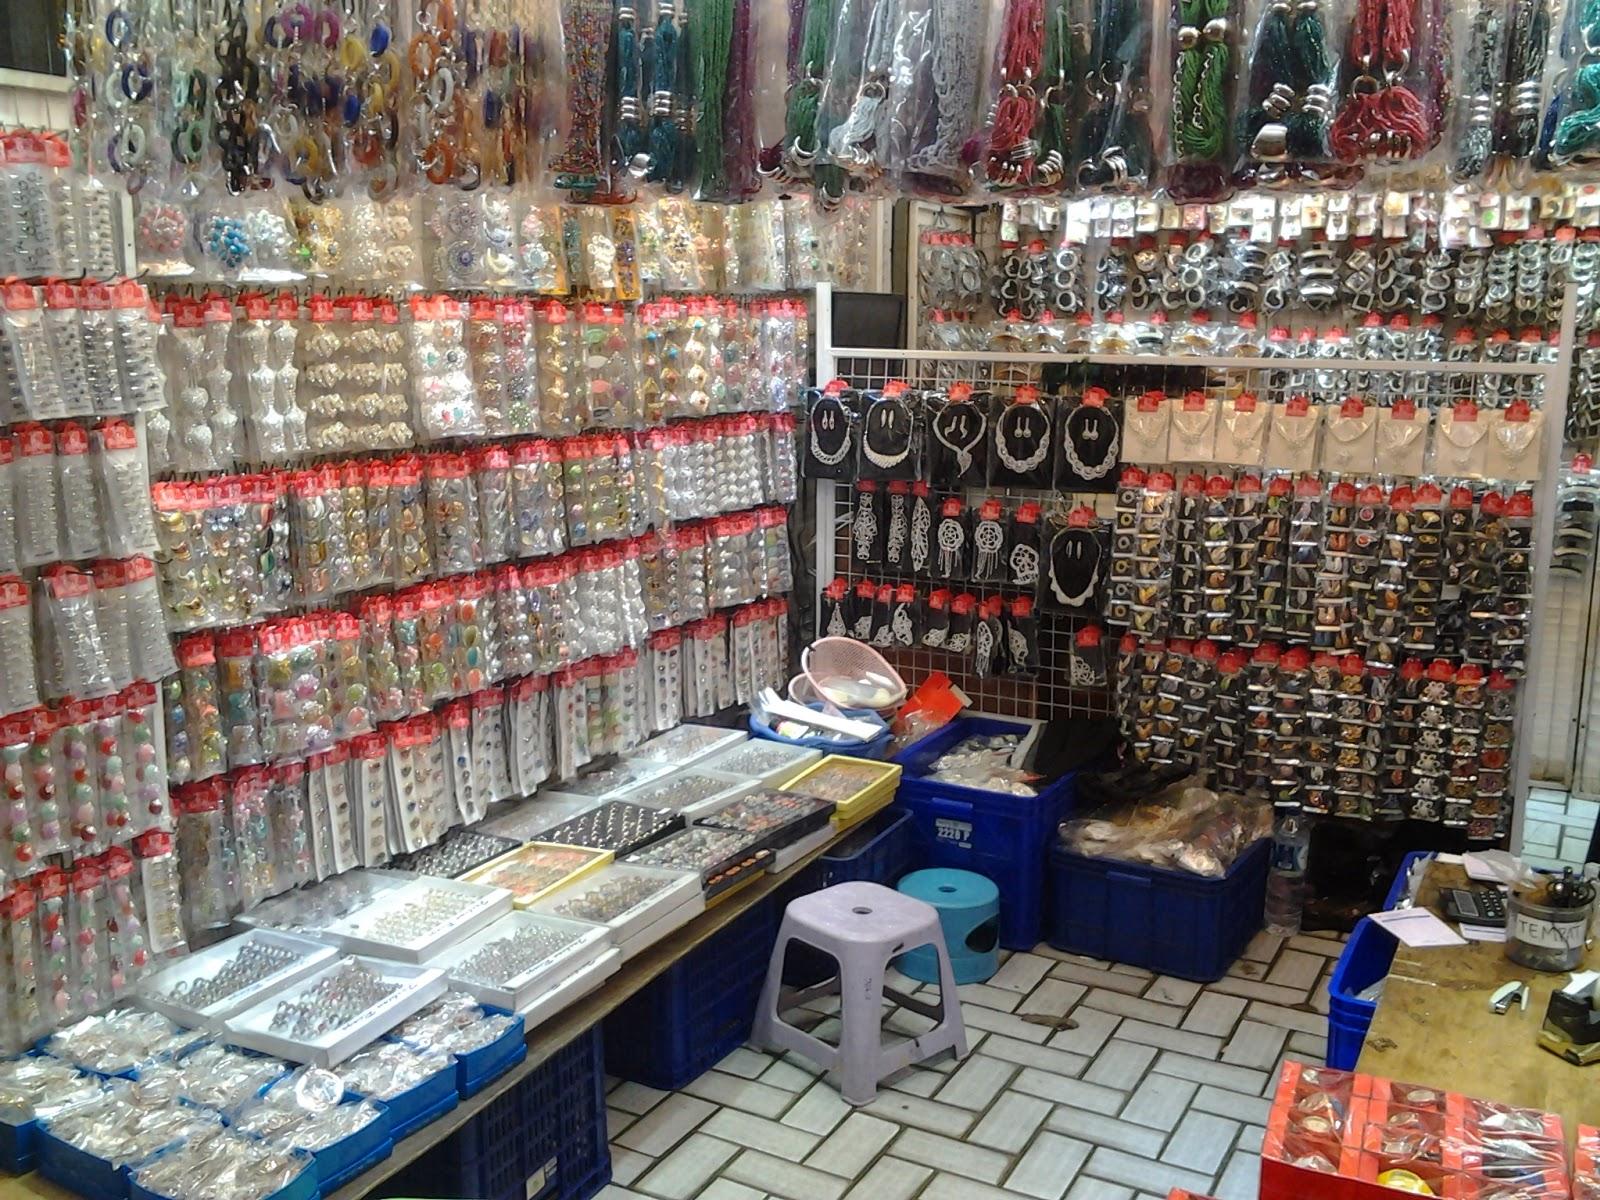 Bosan Dengan Mal Yuk Main Main Ke 3 Pasar Asyik Berikut